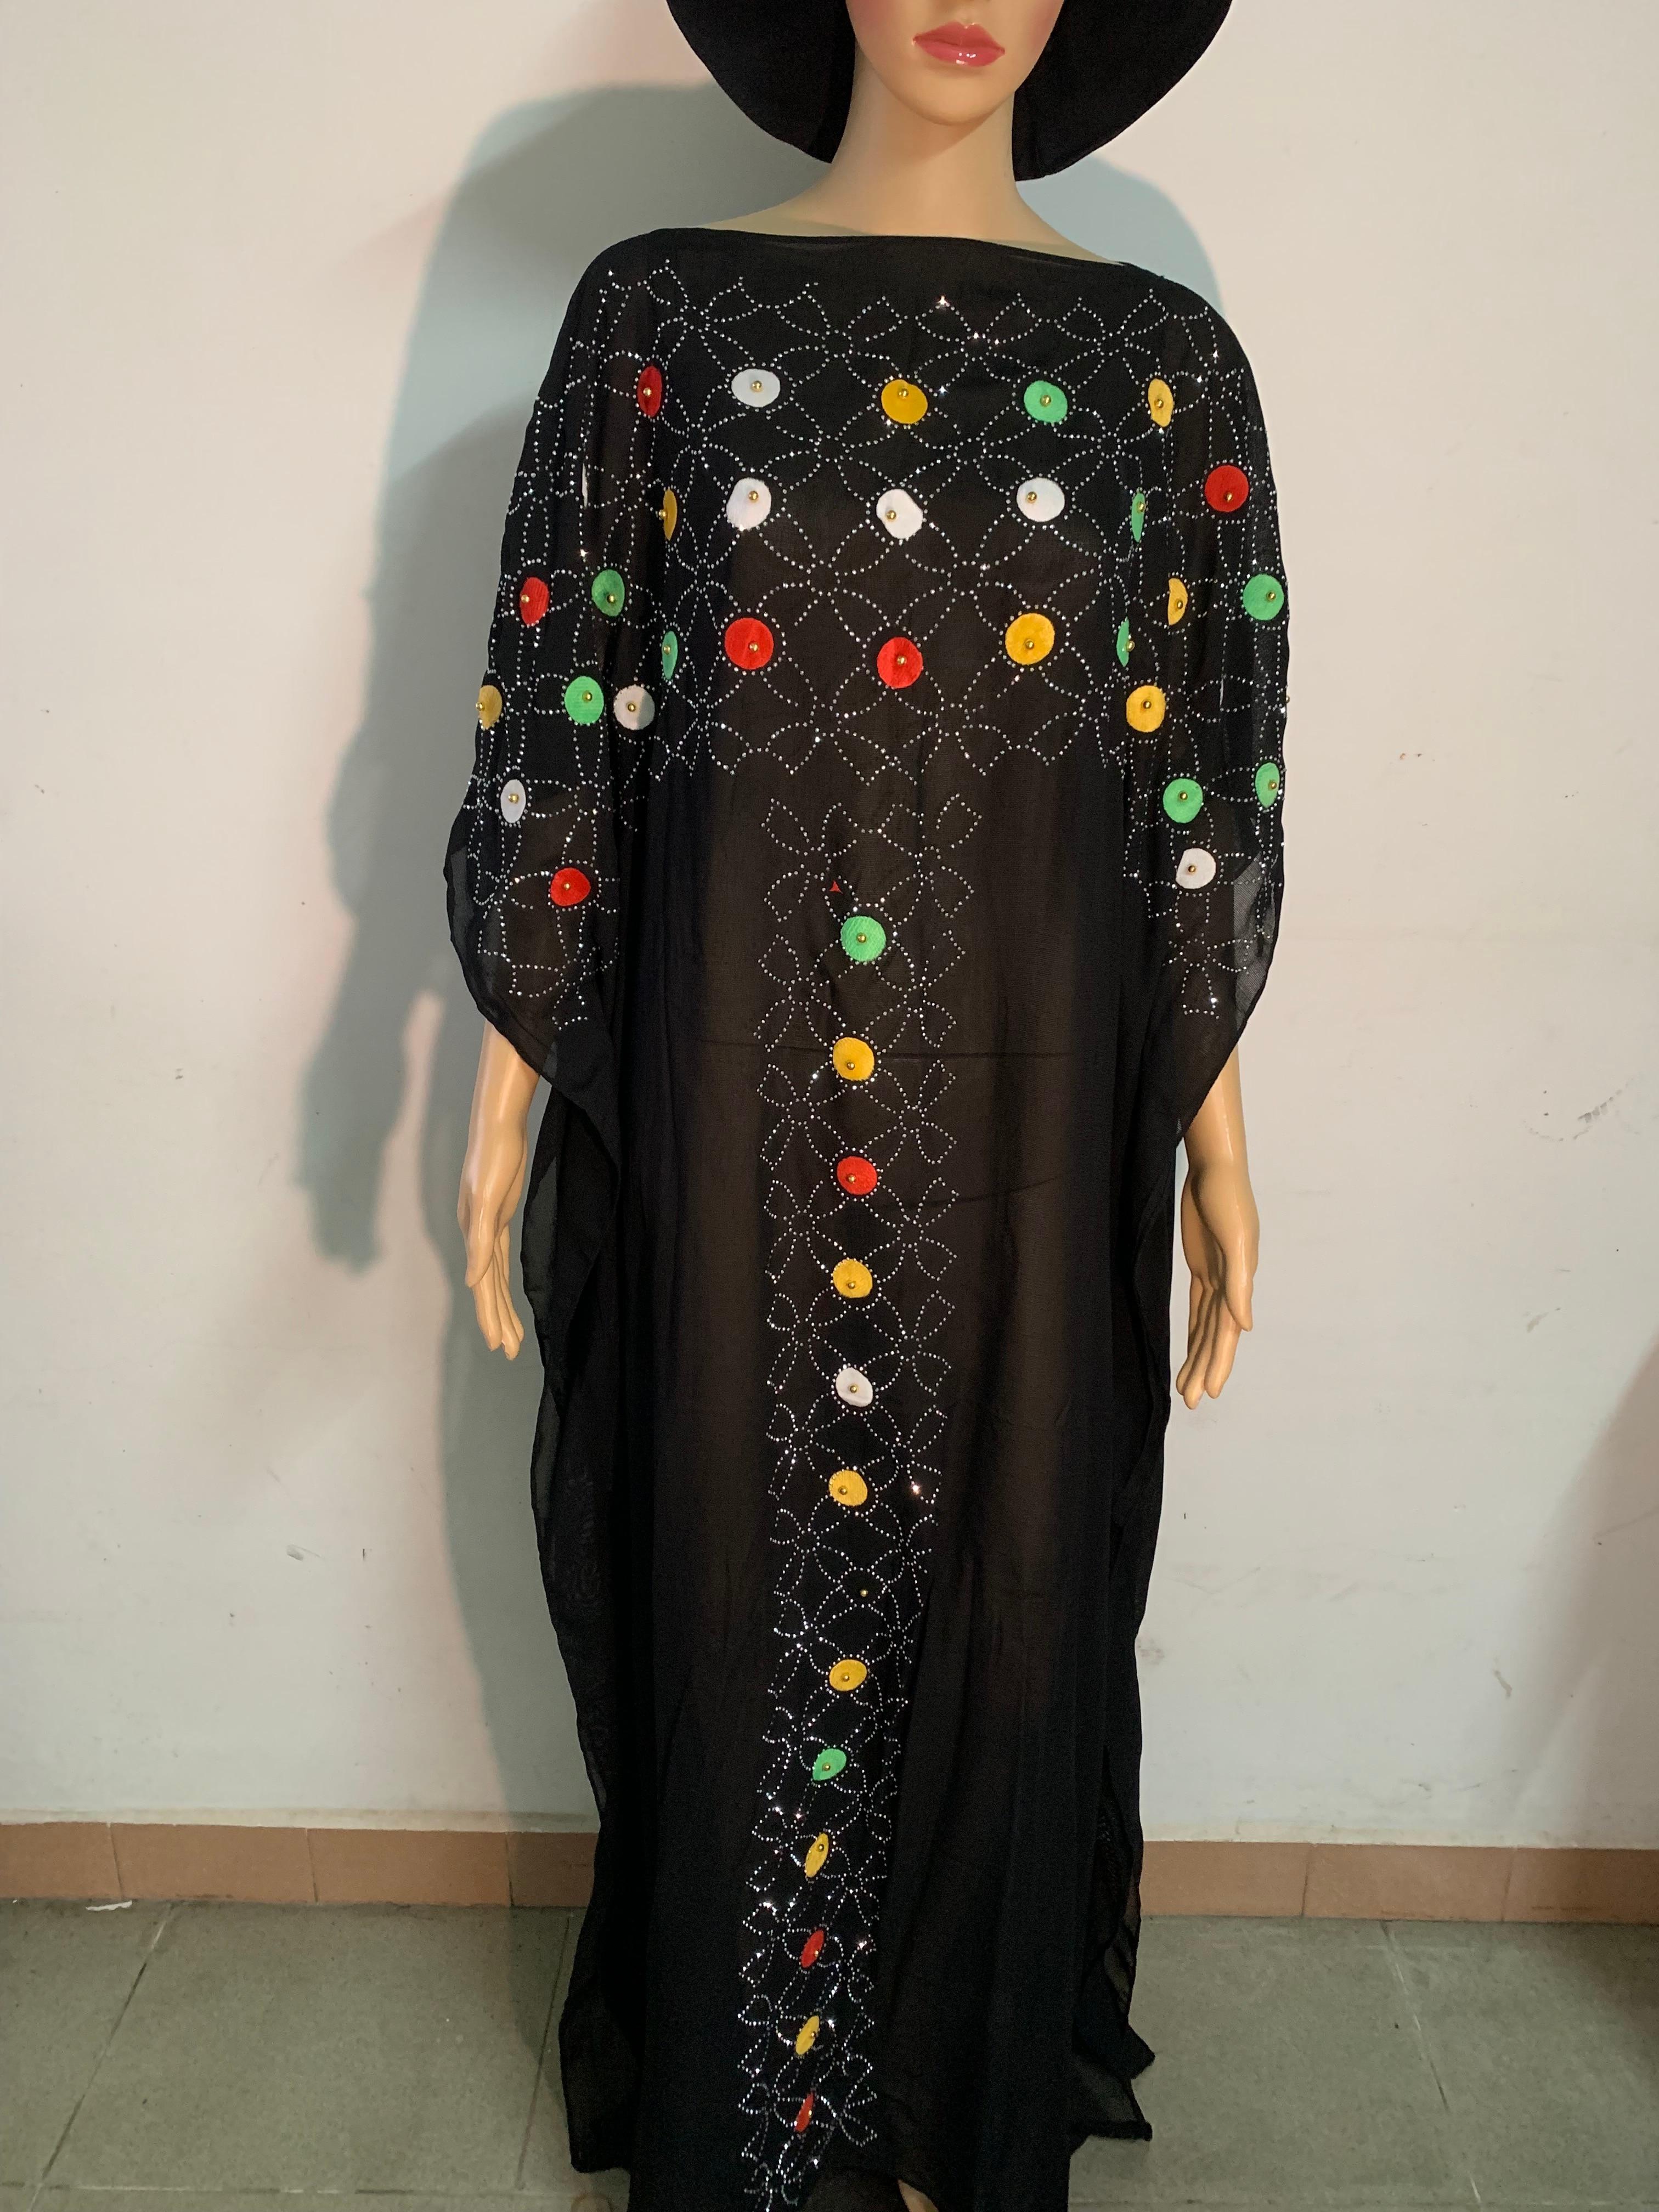 Элегантная абайя, кафтан, женские платья, короткий рукав, черные, летние, многоцветные, мусульманские платья, африканские платья для женщин